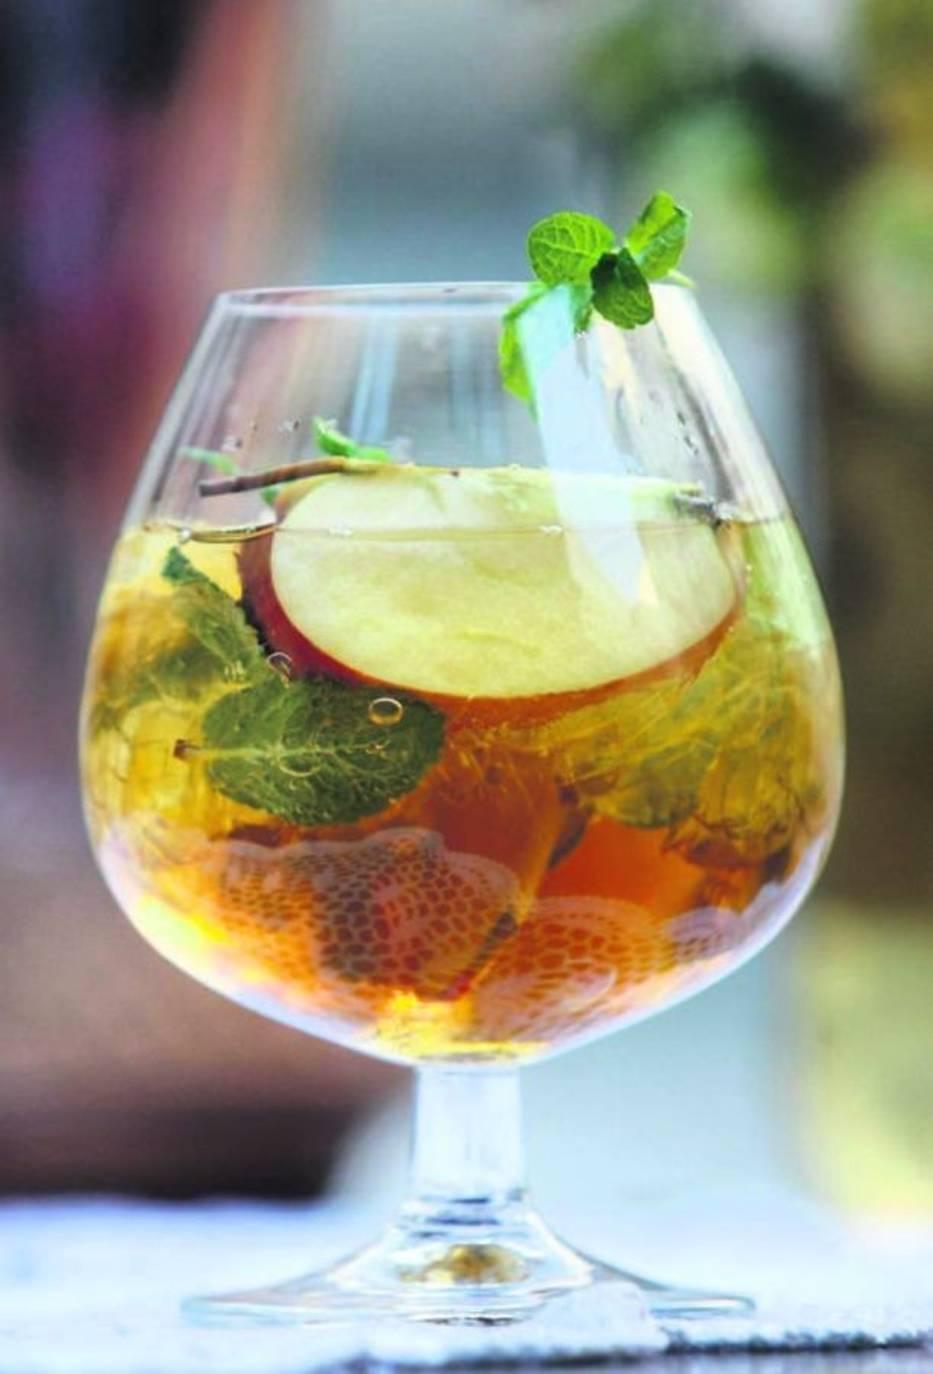 """Jabłko z miętąSkładniki:-sok z jabłek (świeżo wyciskany lub z kartonu), -parę kropel soku z cytryny lub limonki, -listki świeżej mięty, -plasterki jabłkaPrzygotowanie: Do wysokiej szklanki lub, tak jak w przypadku """"Zielonego ogórka"""", do dużego kielicha, wrzucamy parę listków mięty i lekko je rozgniatamy"""